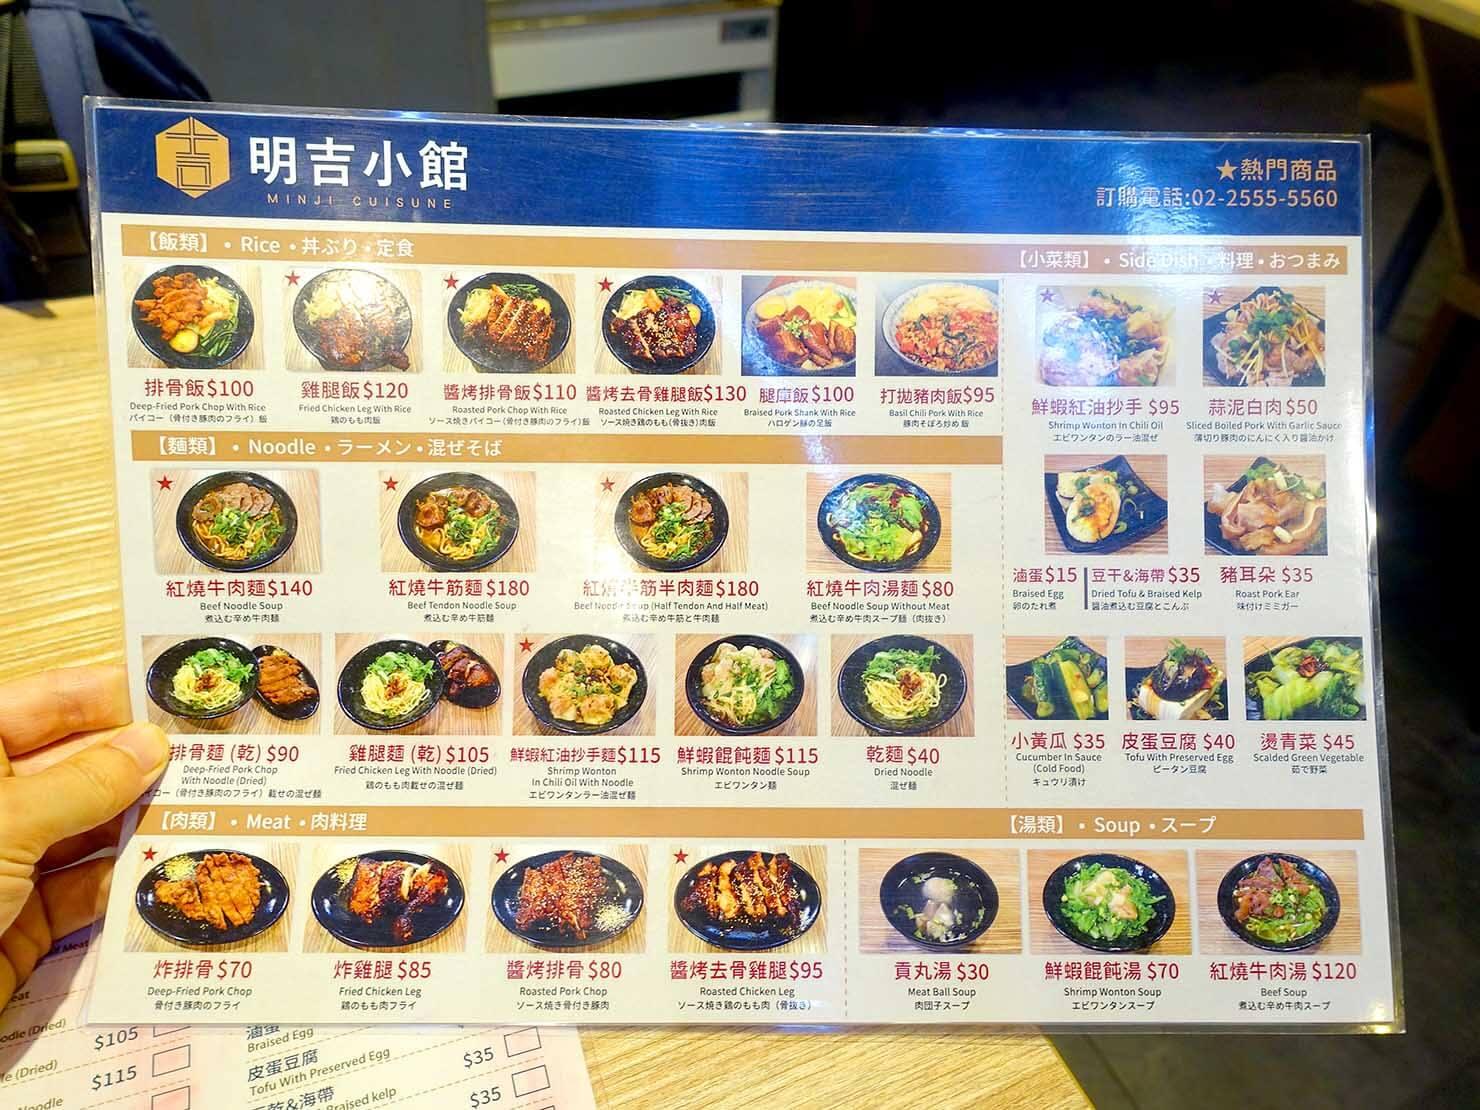 台北・寧夏夜市のおすすめグルメ店「明吉小館」のメニュー